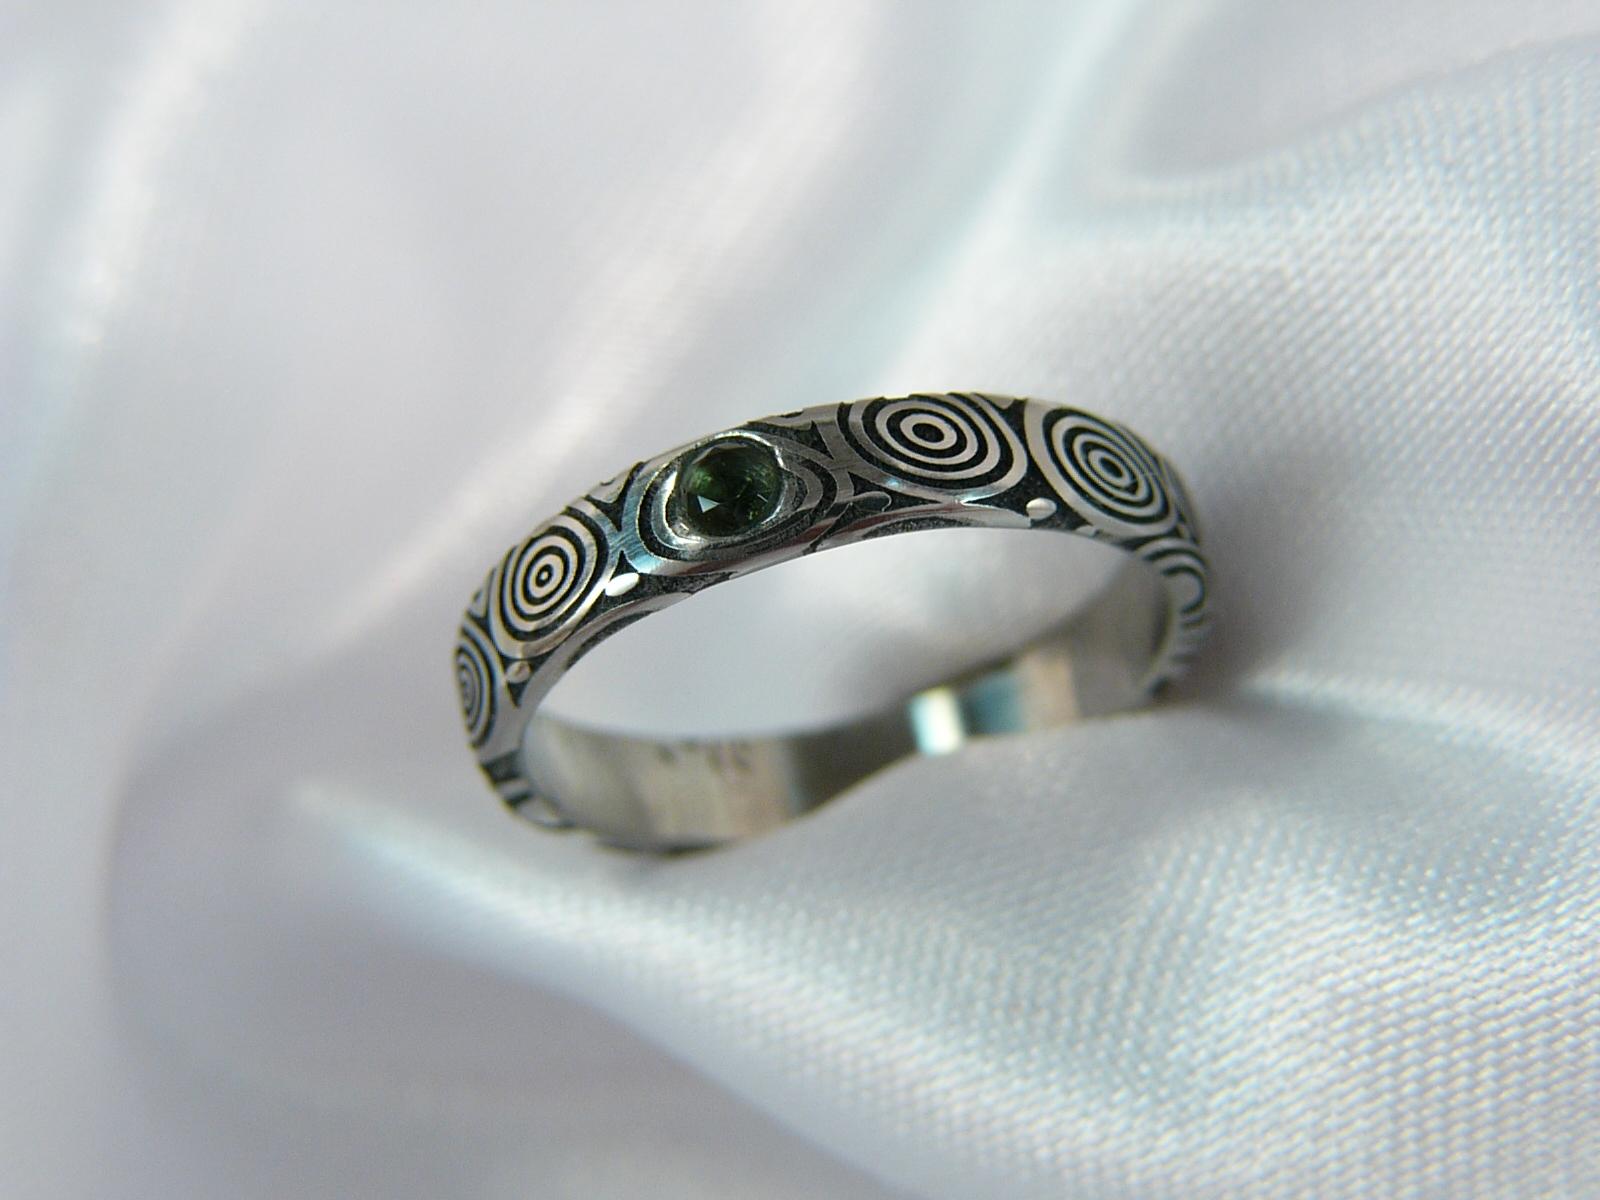 Prsten Verderus z damascénské oceli   Zboží prodejce Cubick  8c85676c4f